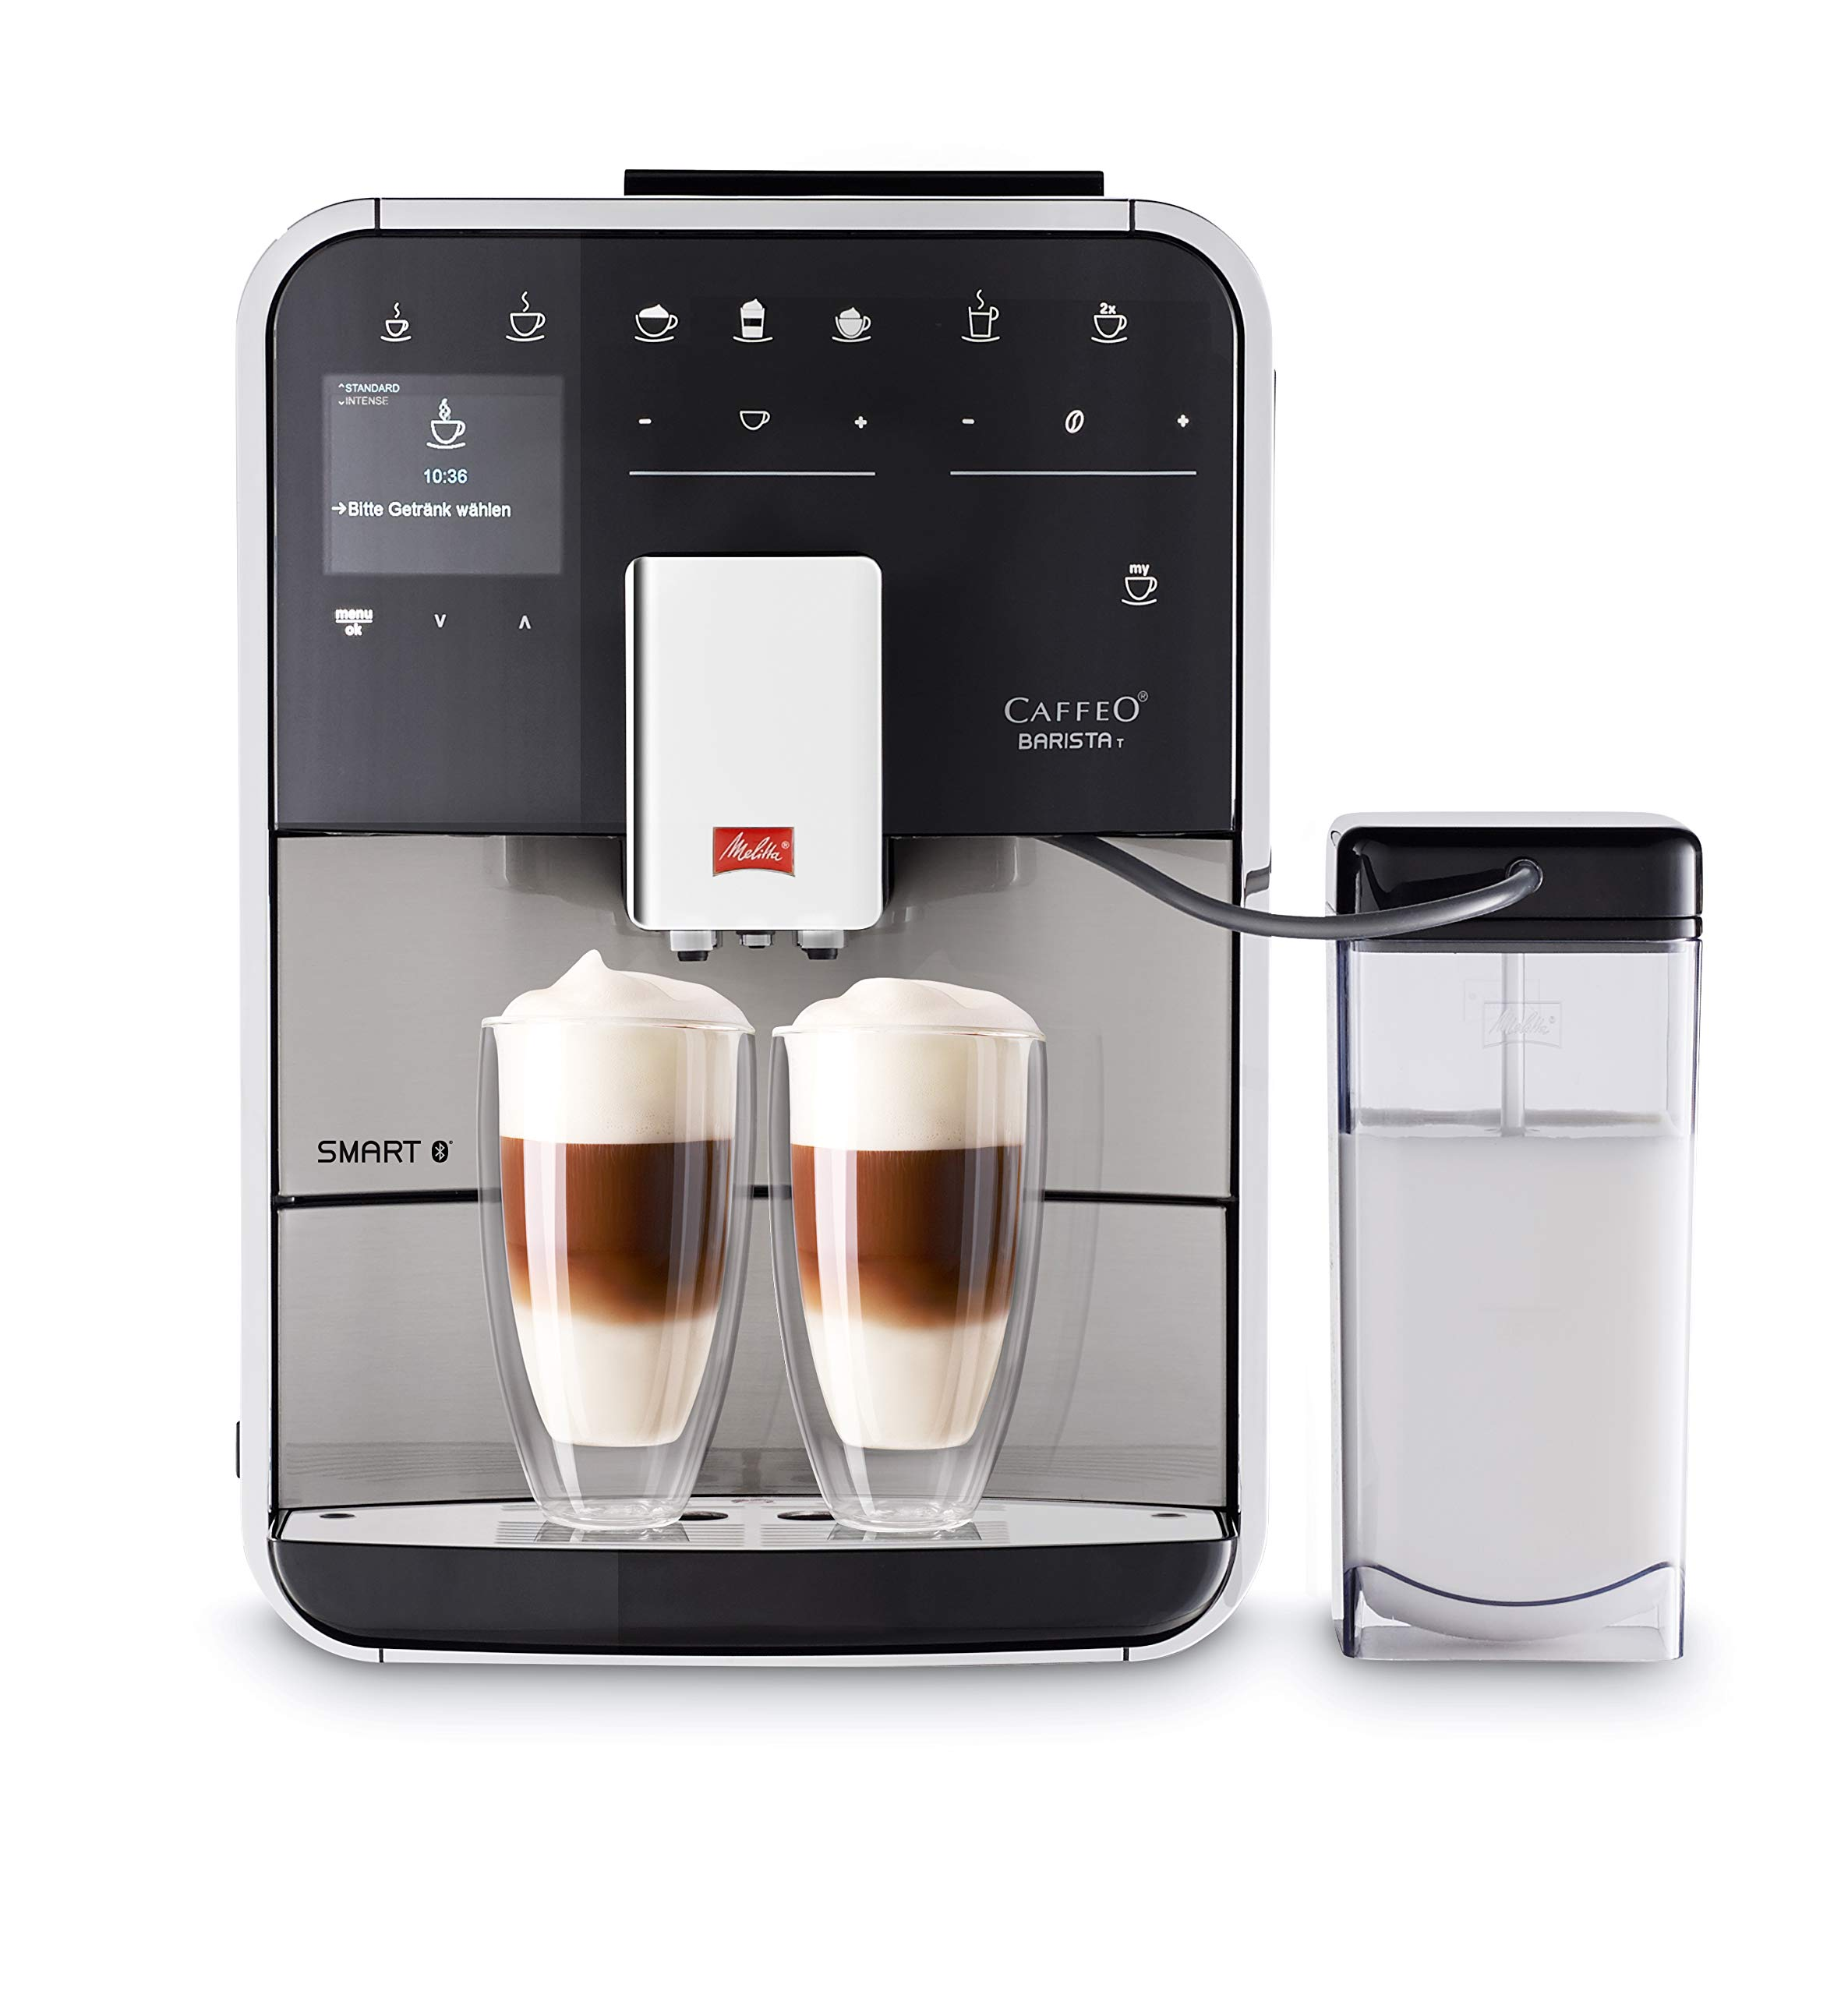 Melitta Barista T Smart F840-100, Cafetera Automática con Molinillo Silencioso, Bluetooth, Pantalla Táctil, Personalizable, 18 Recetas, Acero Inoxidable: Amazon.es: Hogar